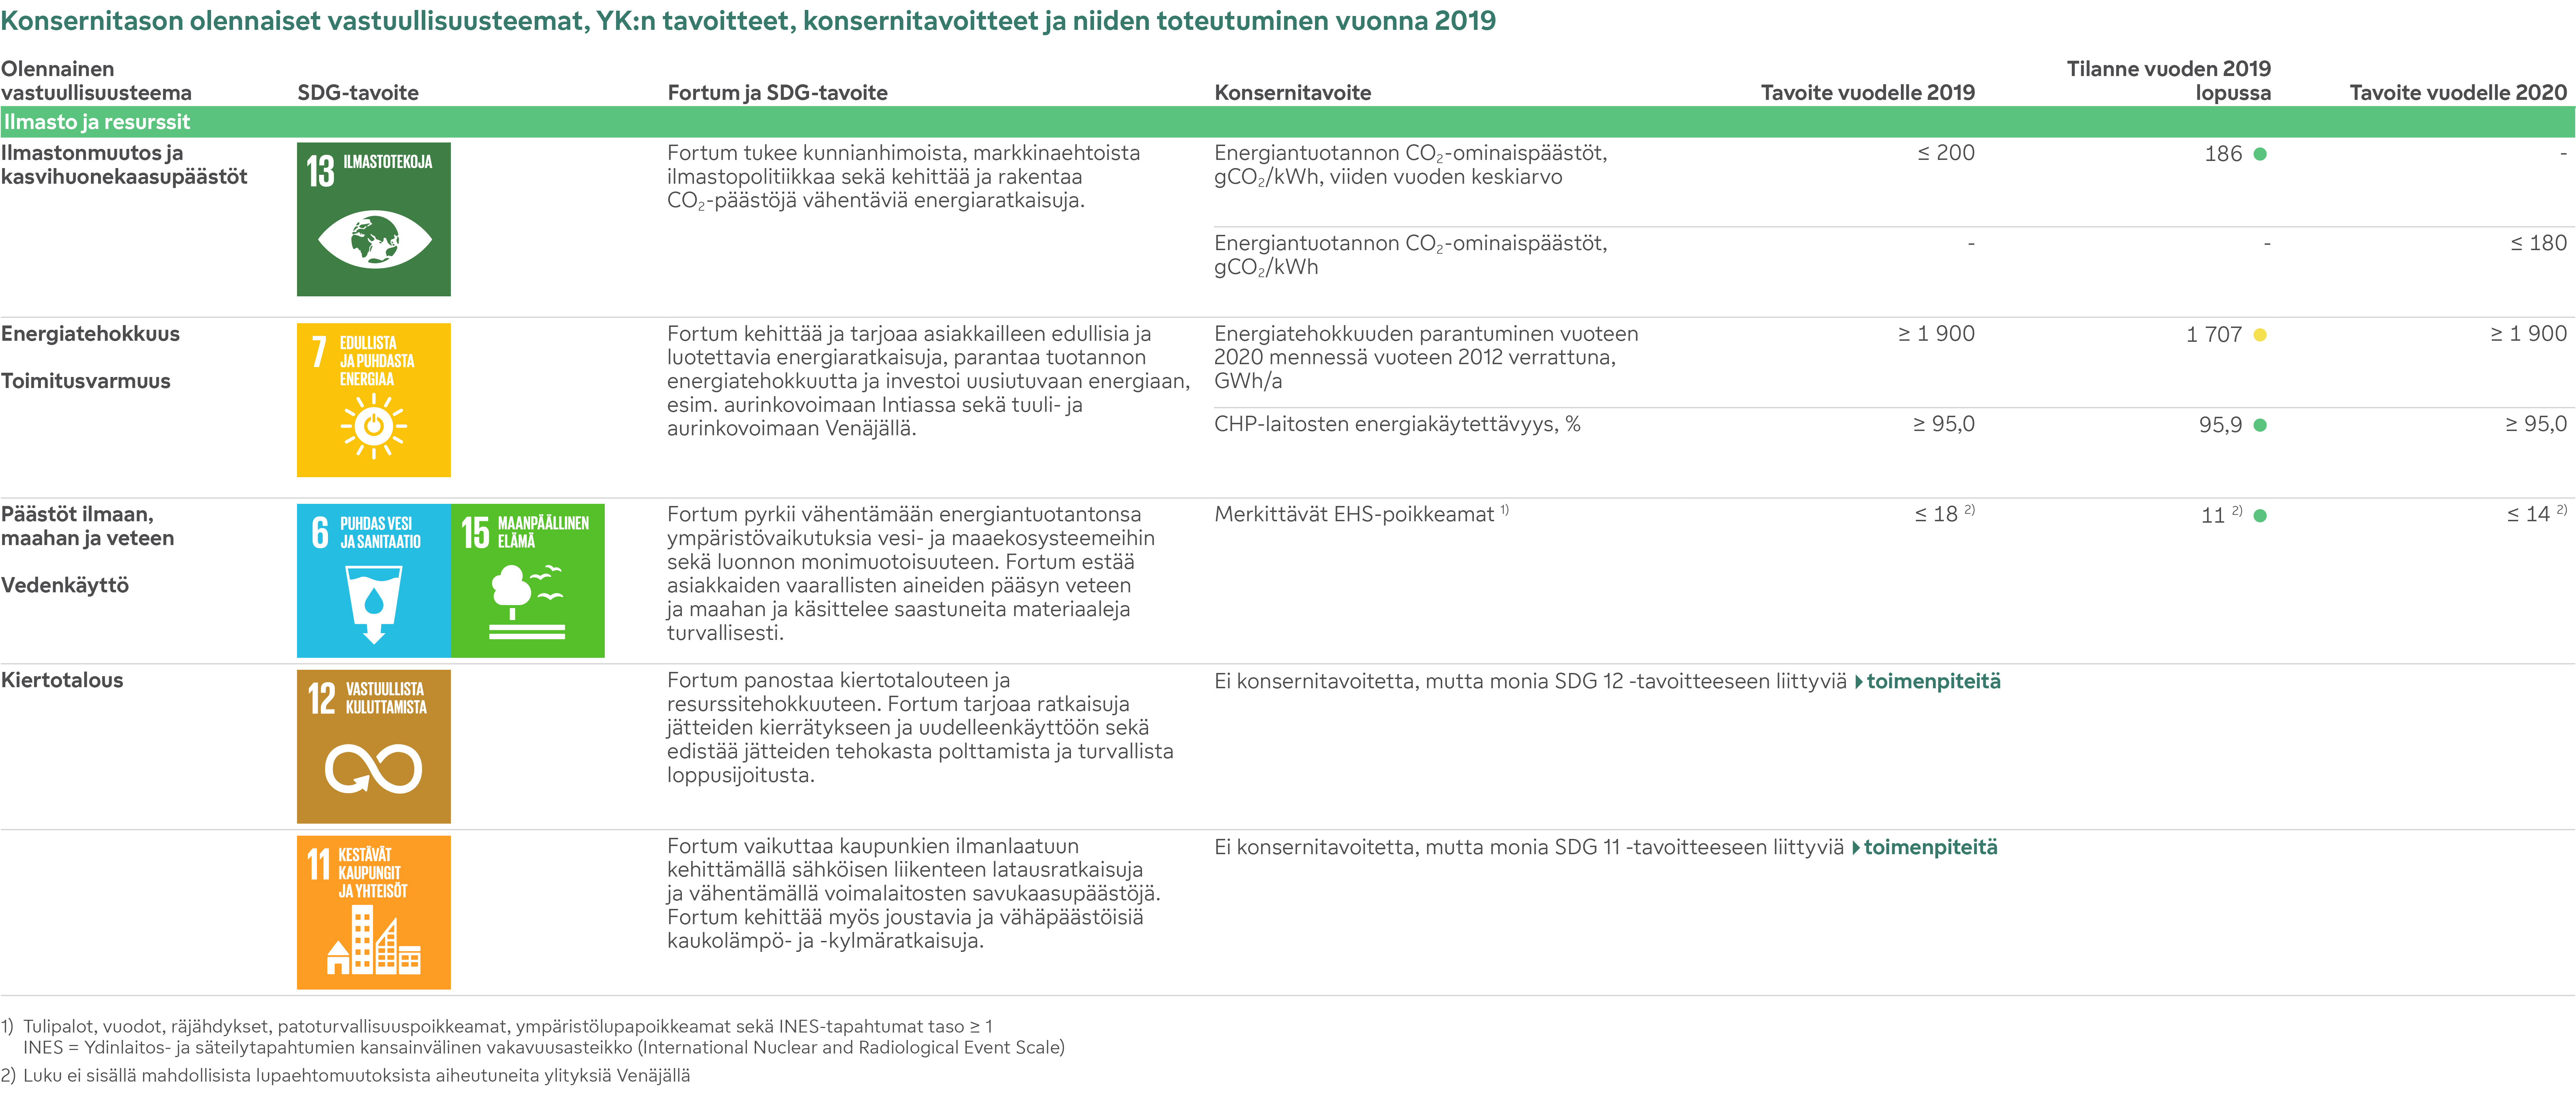 Konsernitason olennaiset vastuullisuusteemat, YK:n tavoitteet, konsernitavoitteet ja niiden toteutuminen vuonna 2019